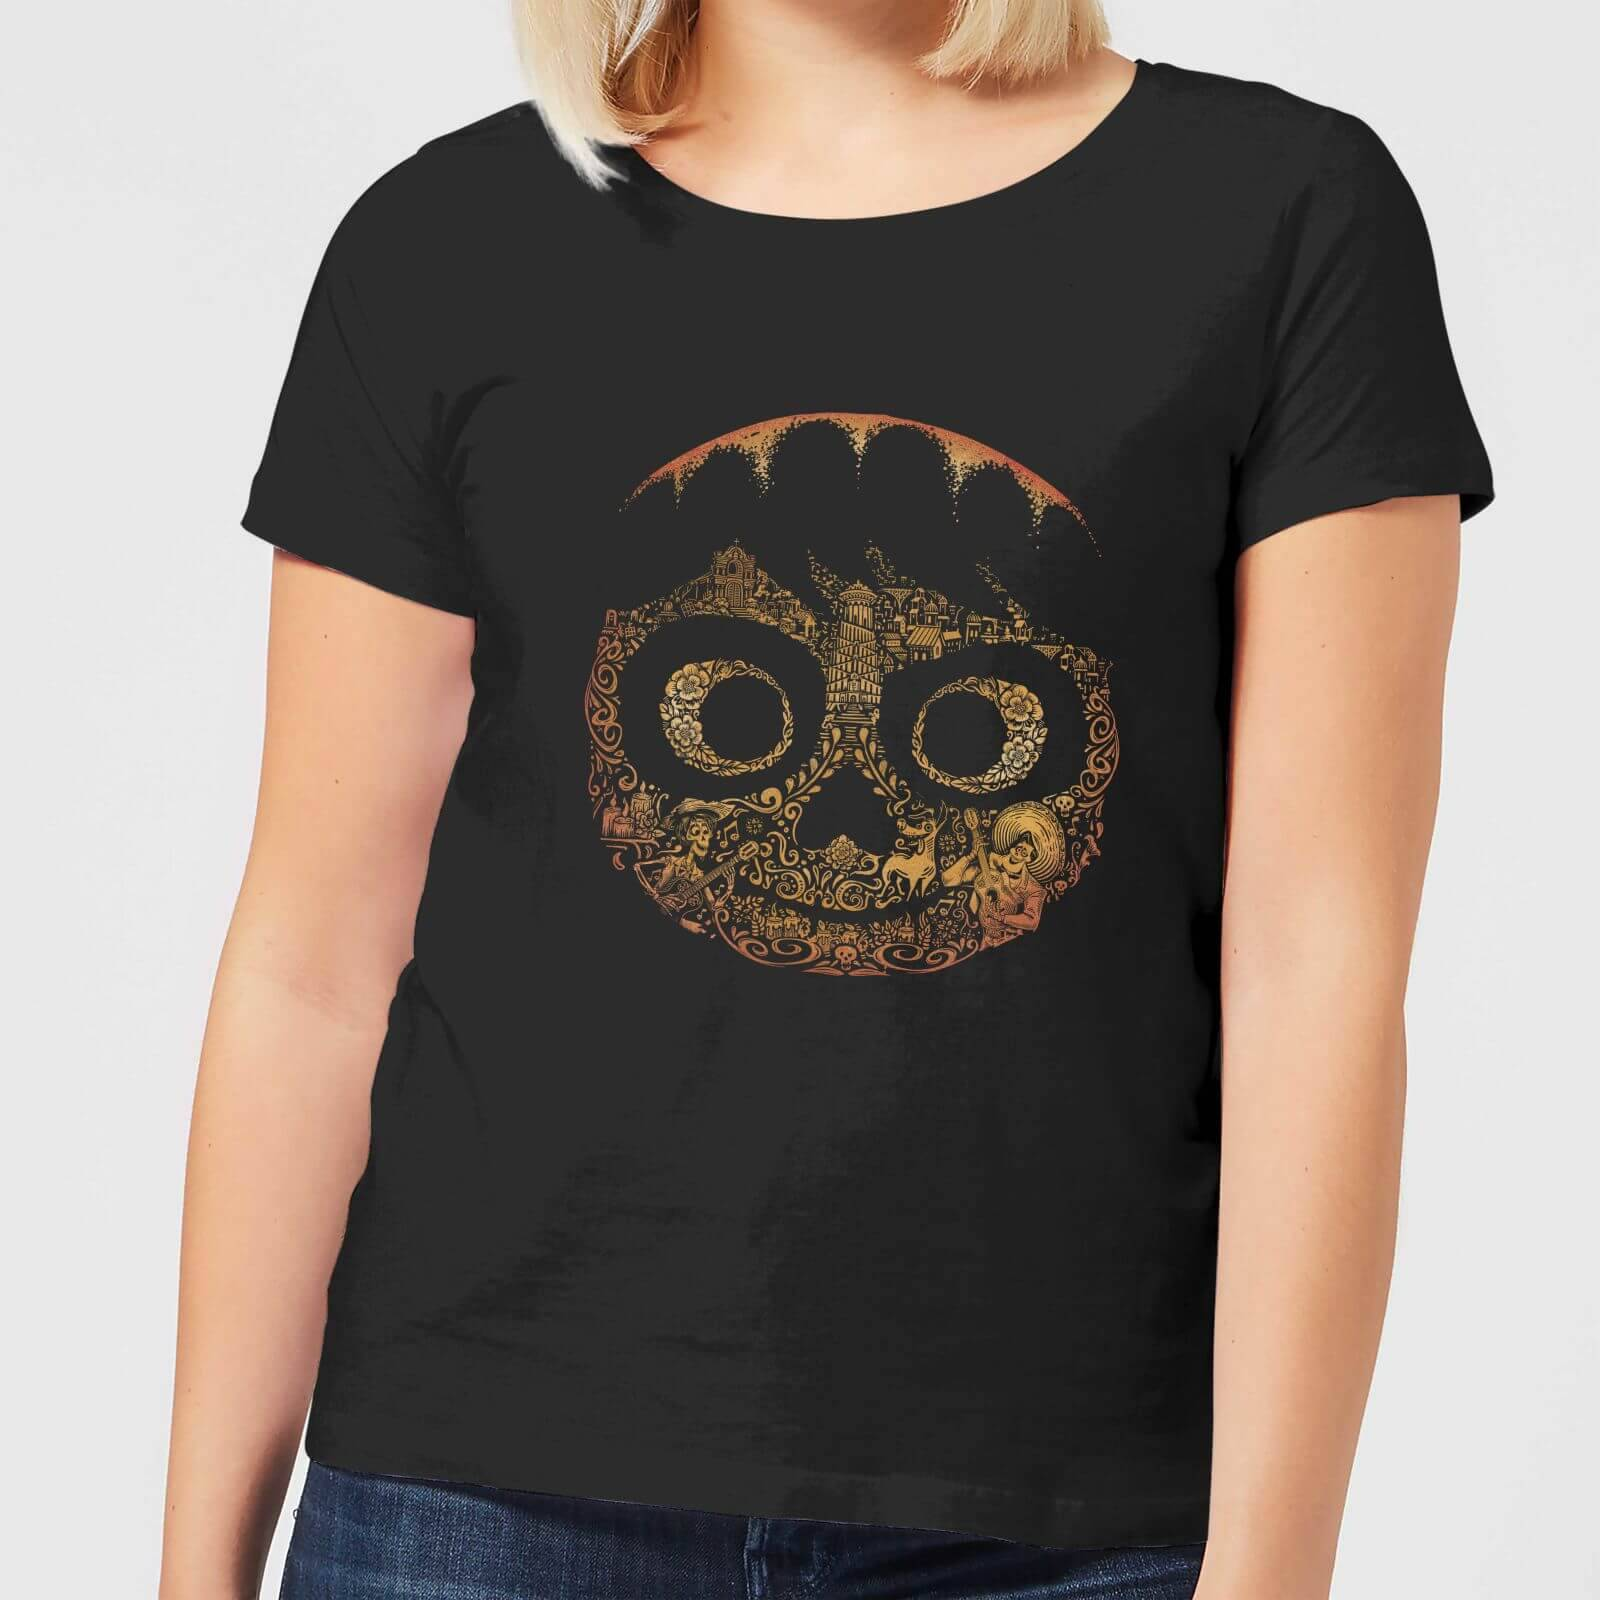 Pixar T-Shirt Femme Visage Miguel Coco - Noir - L - Noir